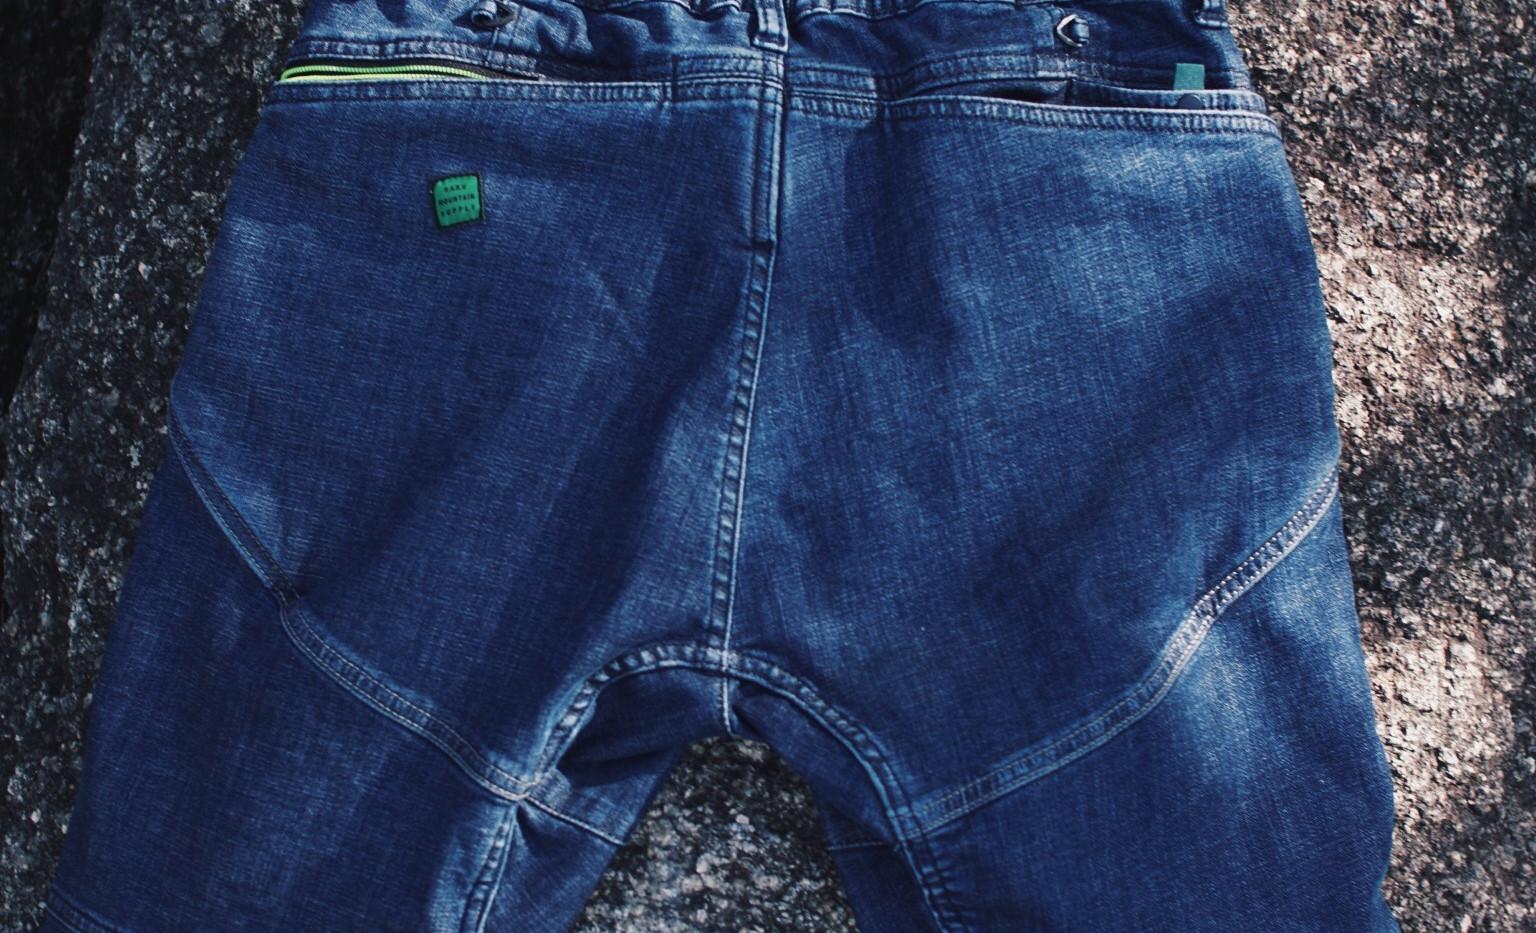 後ろウエストのゴムシャーリングは無くなります。  ヒップポケットは共地のビッグポケットが付いており 収納力が抜群です。